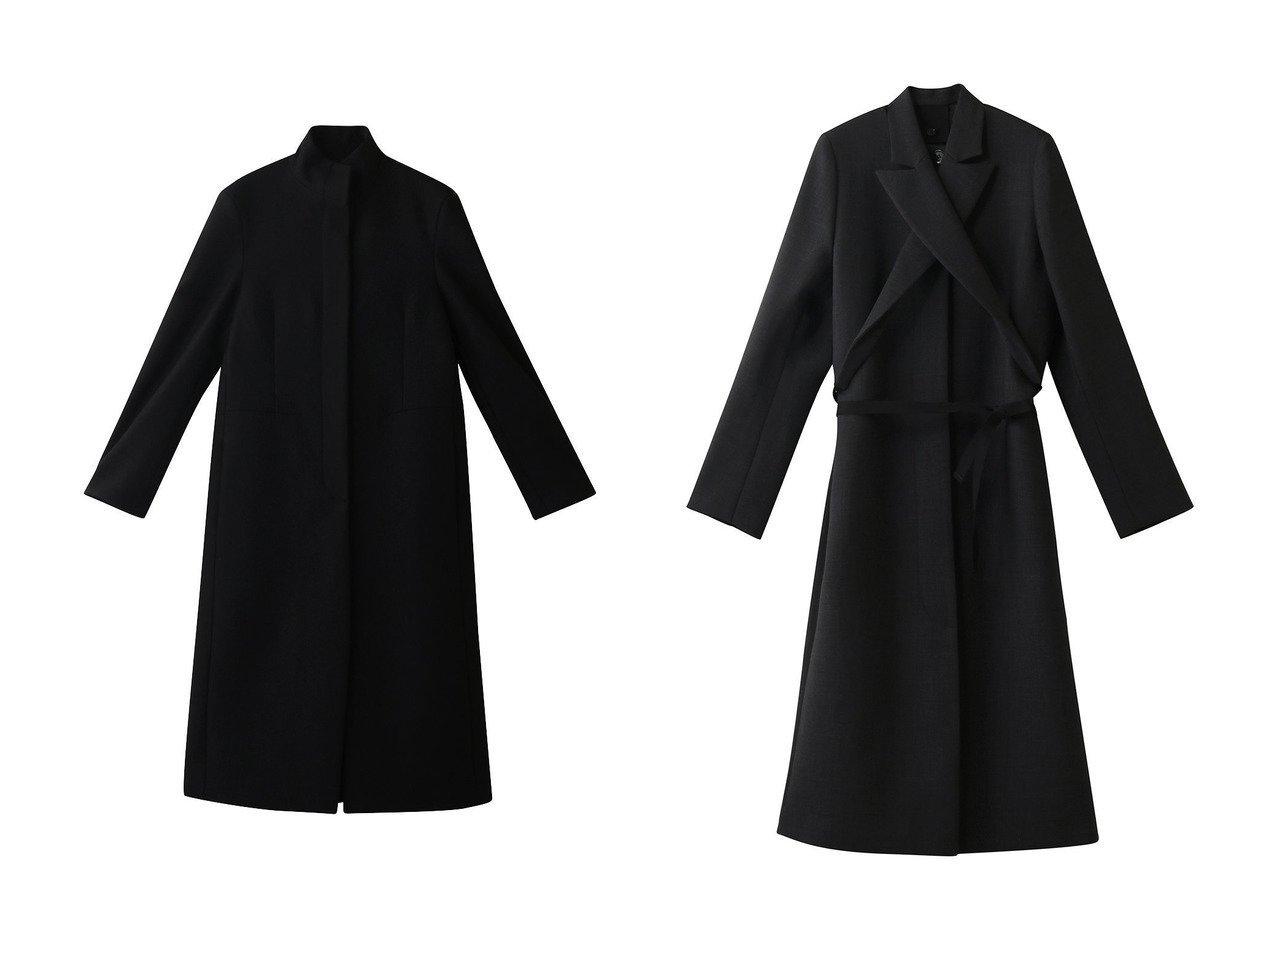 【MM6 Maison Martin Margiela/エムエム6 メゾン マルタン マルジェラ】のスタンドカラーコート&襟付きロングコート 【アウター】おすすめ!人気、トレンド・レディースファッションの通販 おすすめで人気の流行・トレンド、ファッションの通販商品 インテリア・家具・メンズファッション・キッズファッション・レディースファッション・服の通販 founy(ファニー) https://founy.com/ ファッション Fashion レディースファッション WOMEN アウター Coat Outerwear コート Coats 2020年 2020 2020-2021秋冬・A/W AW・Autumn/Winter・FW・Fall-Winter/2020-2021 2021年 2021 2021-2022秋冬・A/W AW・Autumn/Winter・FW・Fall-Winter・2021-2022 A/W・秋冬 AW・Autumn/Winter・FW・Fall-Winter スタンド トレンド ハイネック ベーシック ロング  ID:crp329100000057556